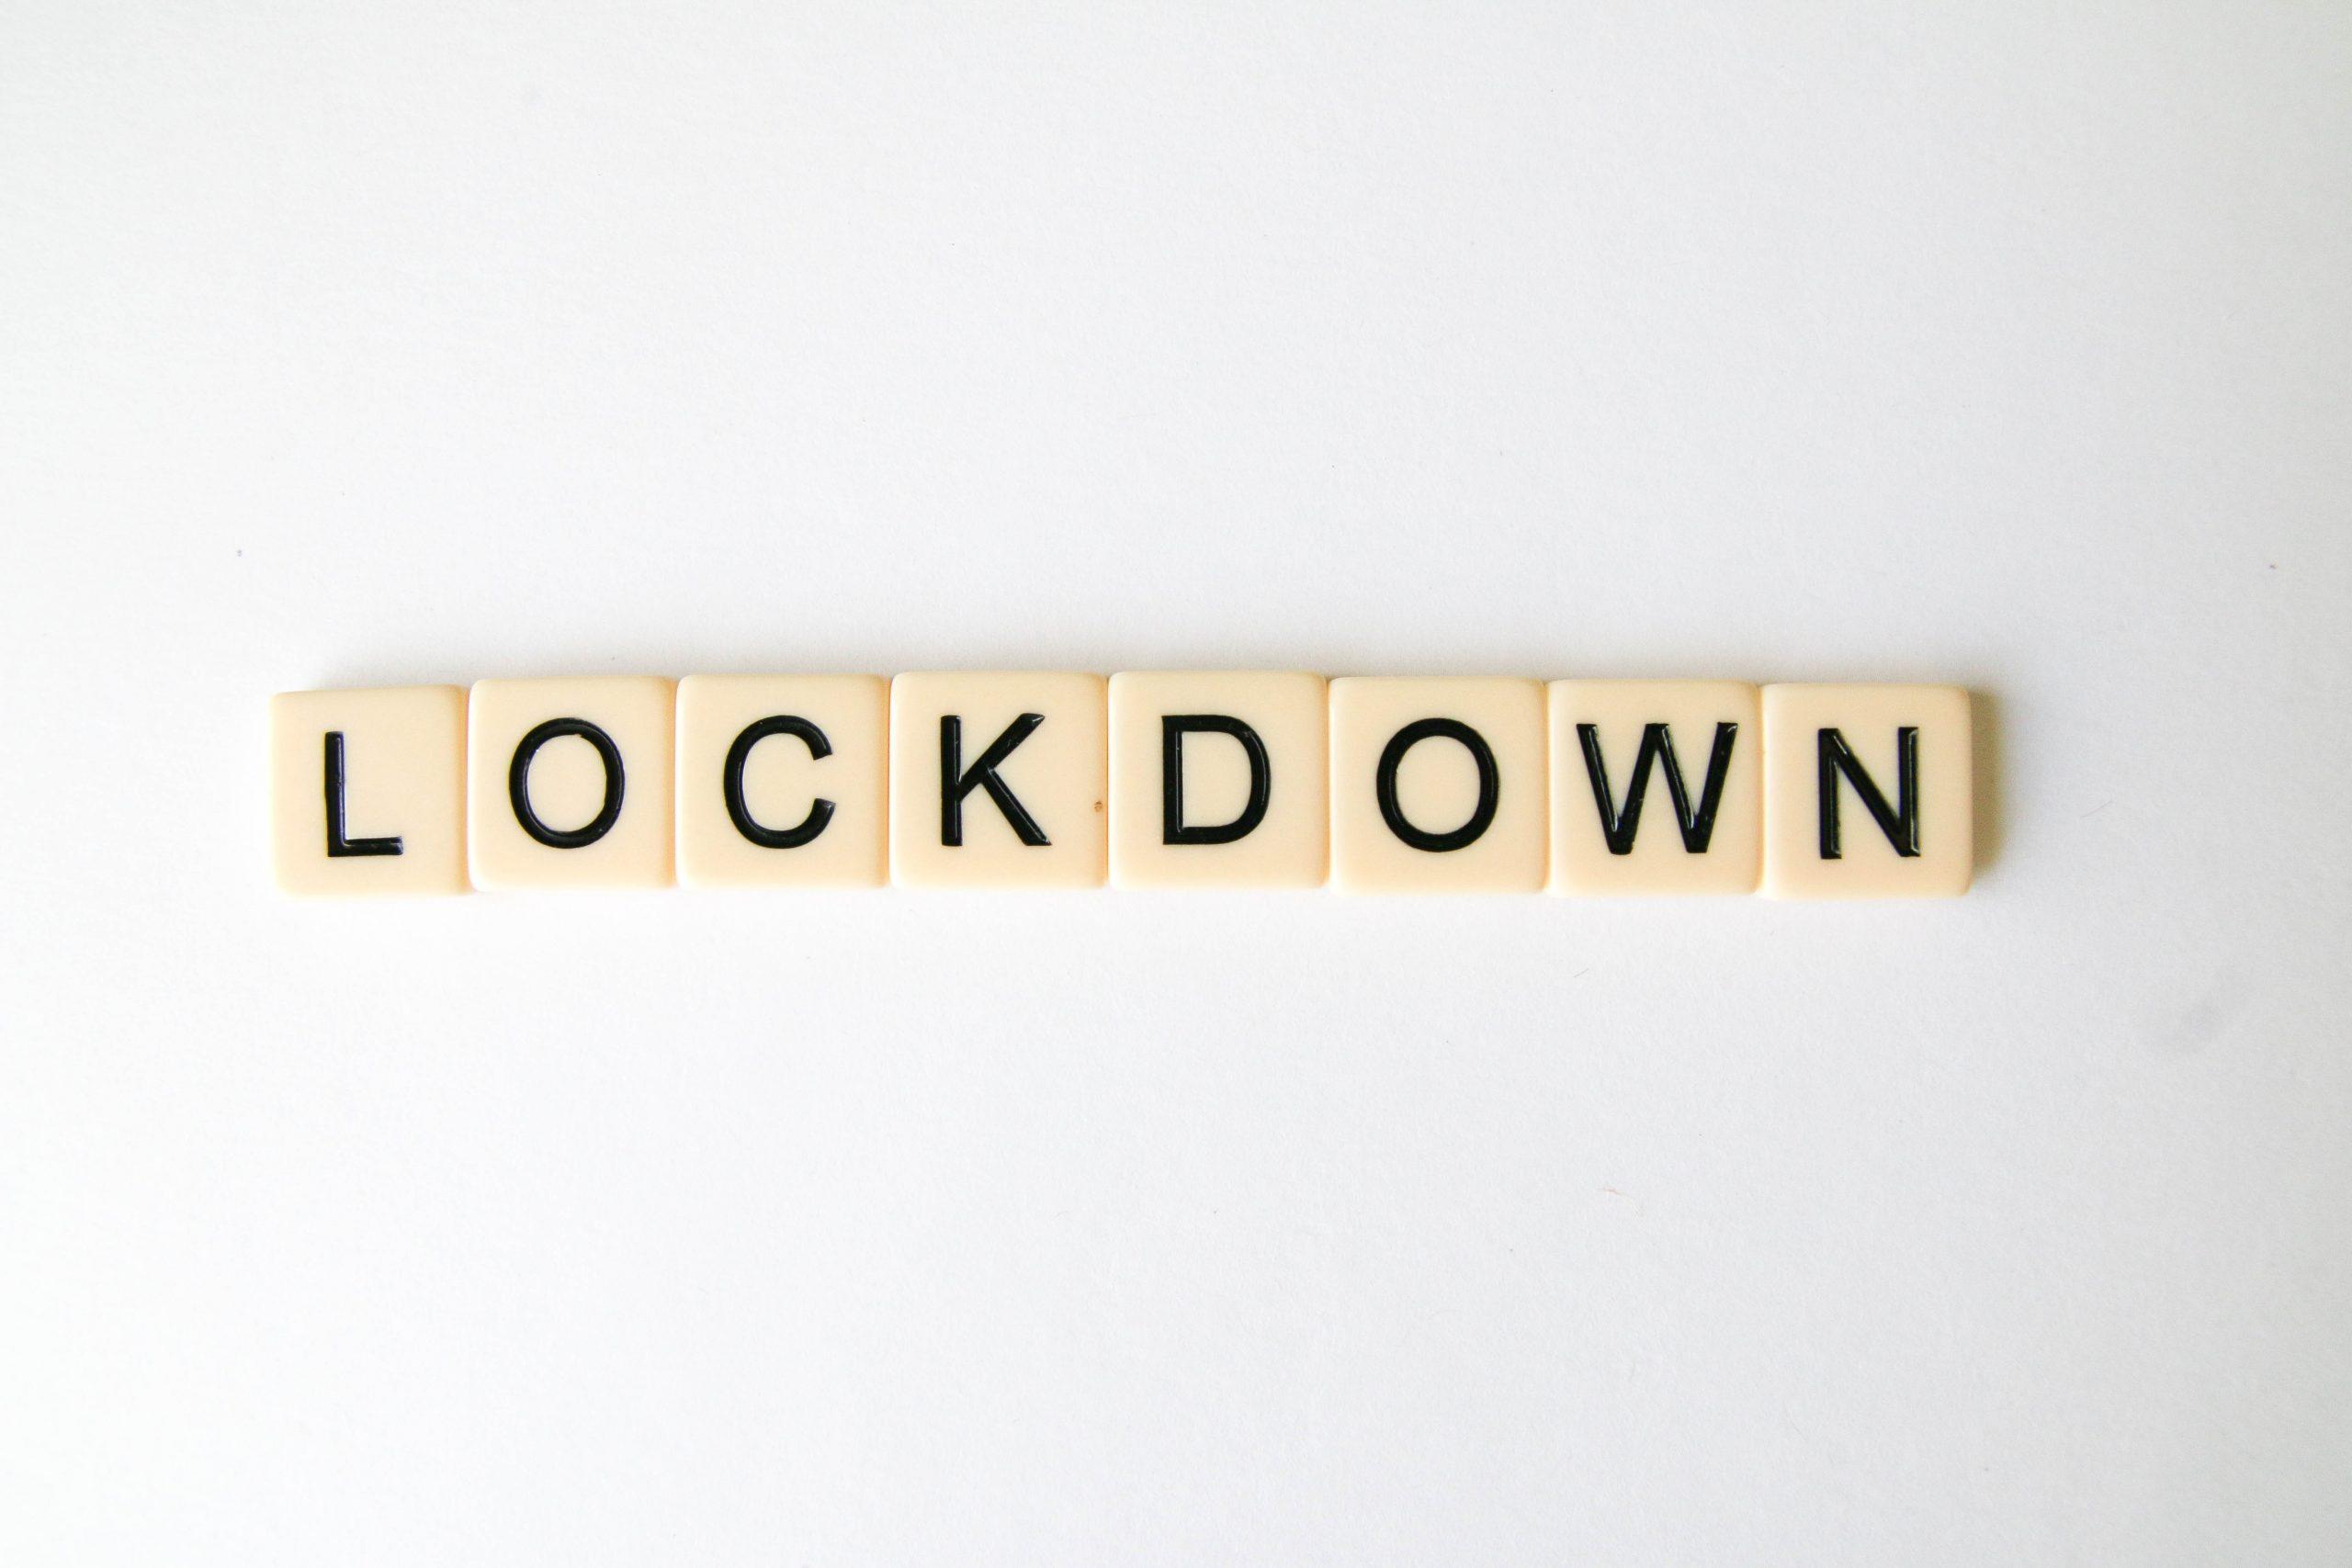 Coronavirus: Confesercenti, allarme liquidità, con lockdown persi 18 miliardi di euro